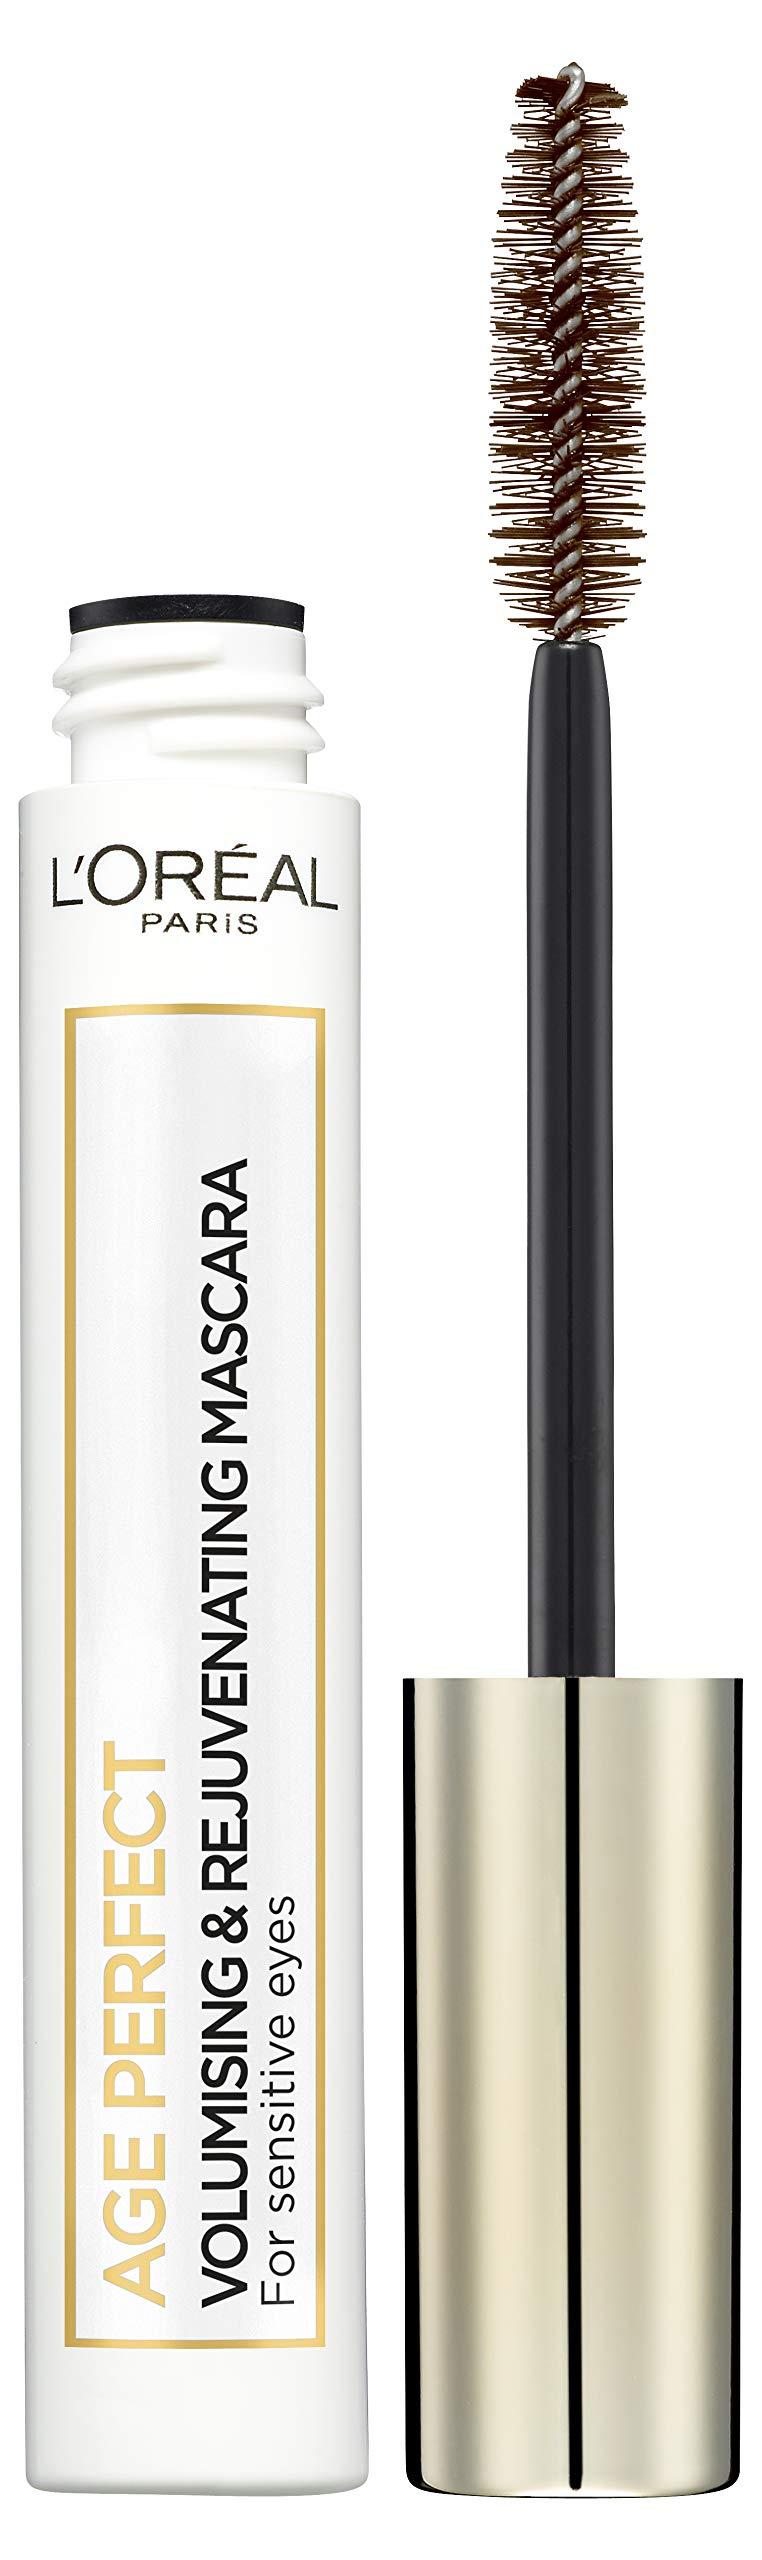 L'Oréal Paris Make-up designer Age Perfect Máscara Volumen y Cuidado Marron – 7.4 ml